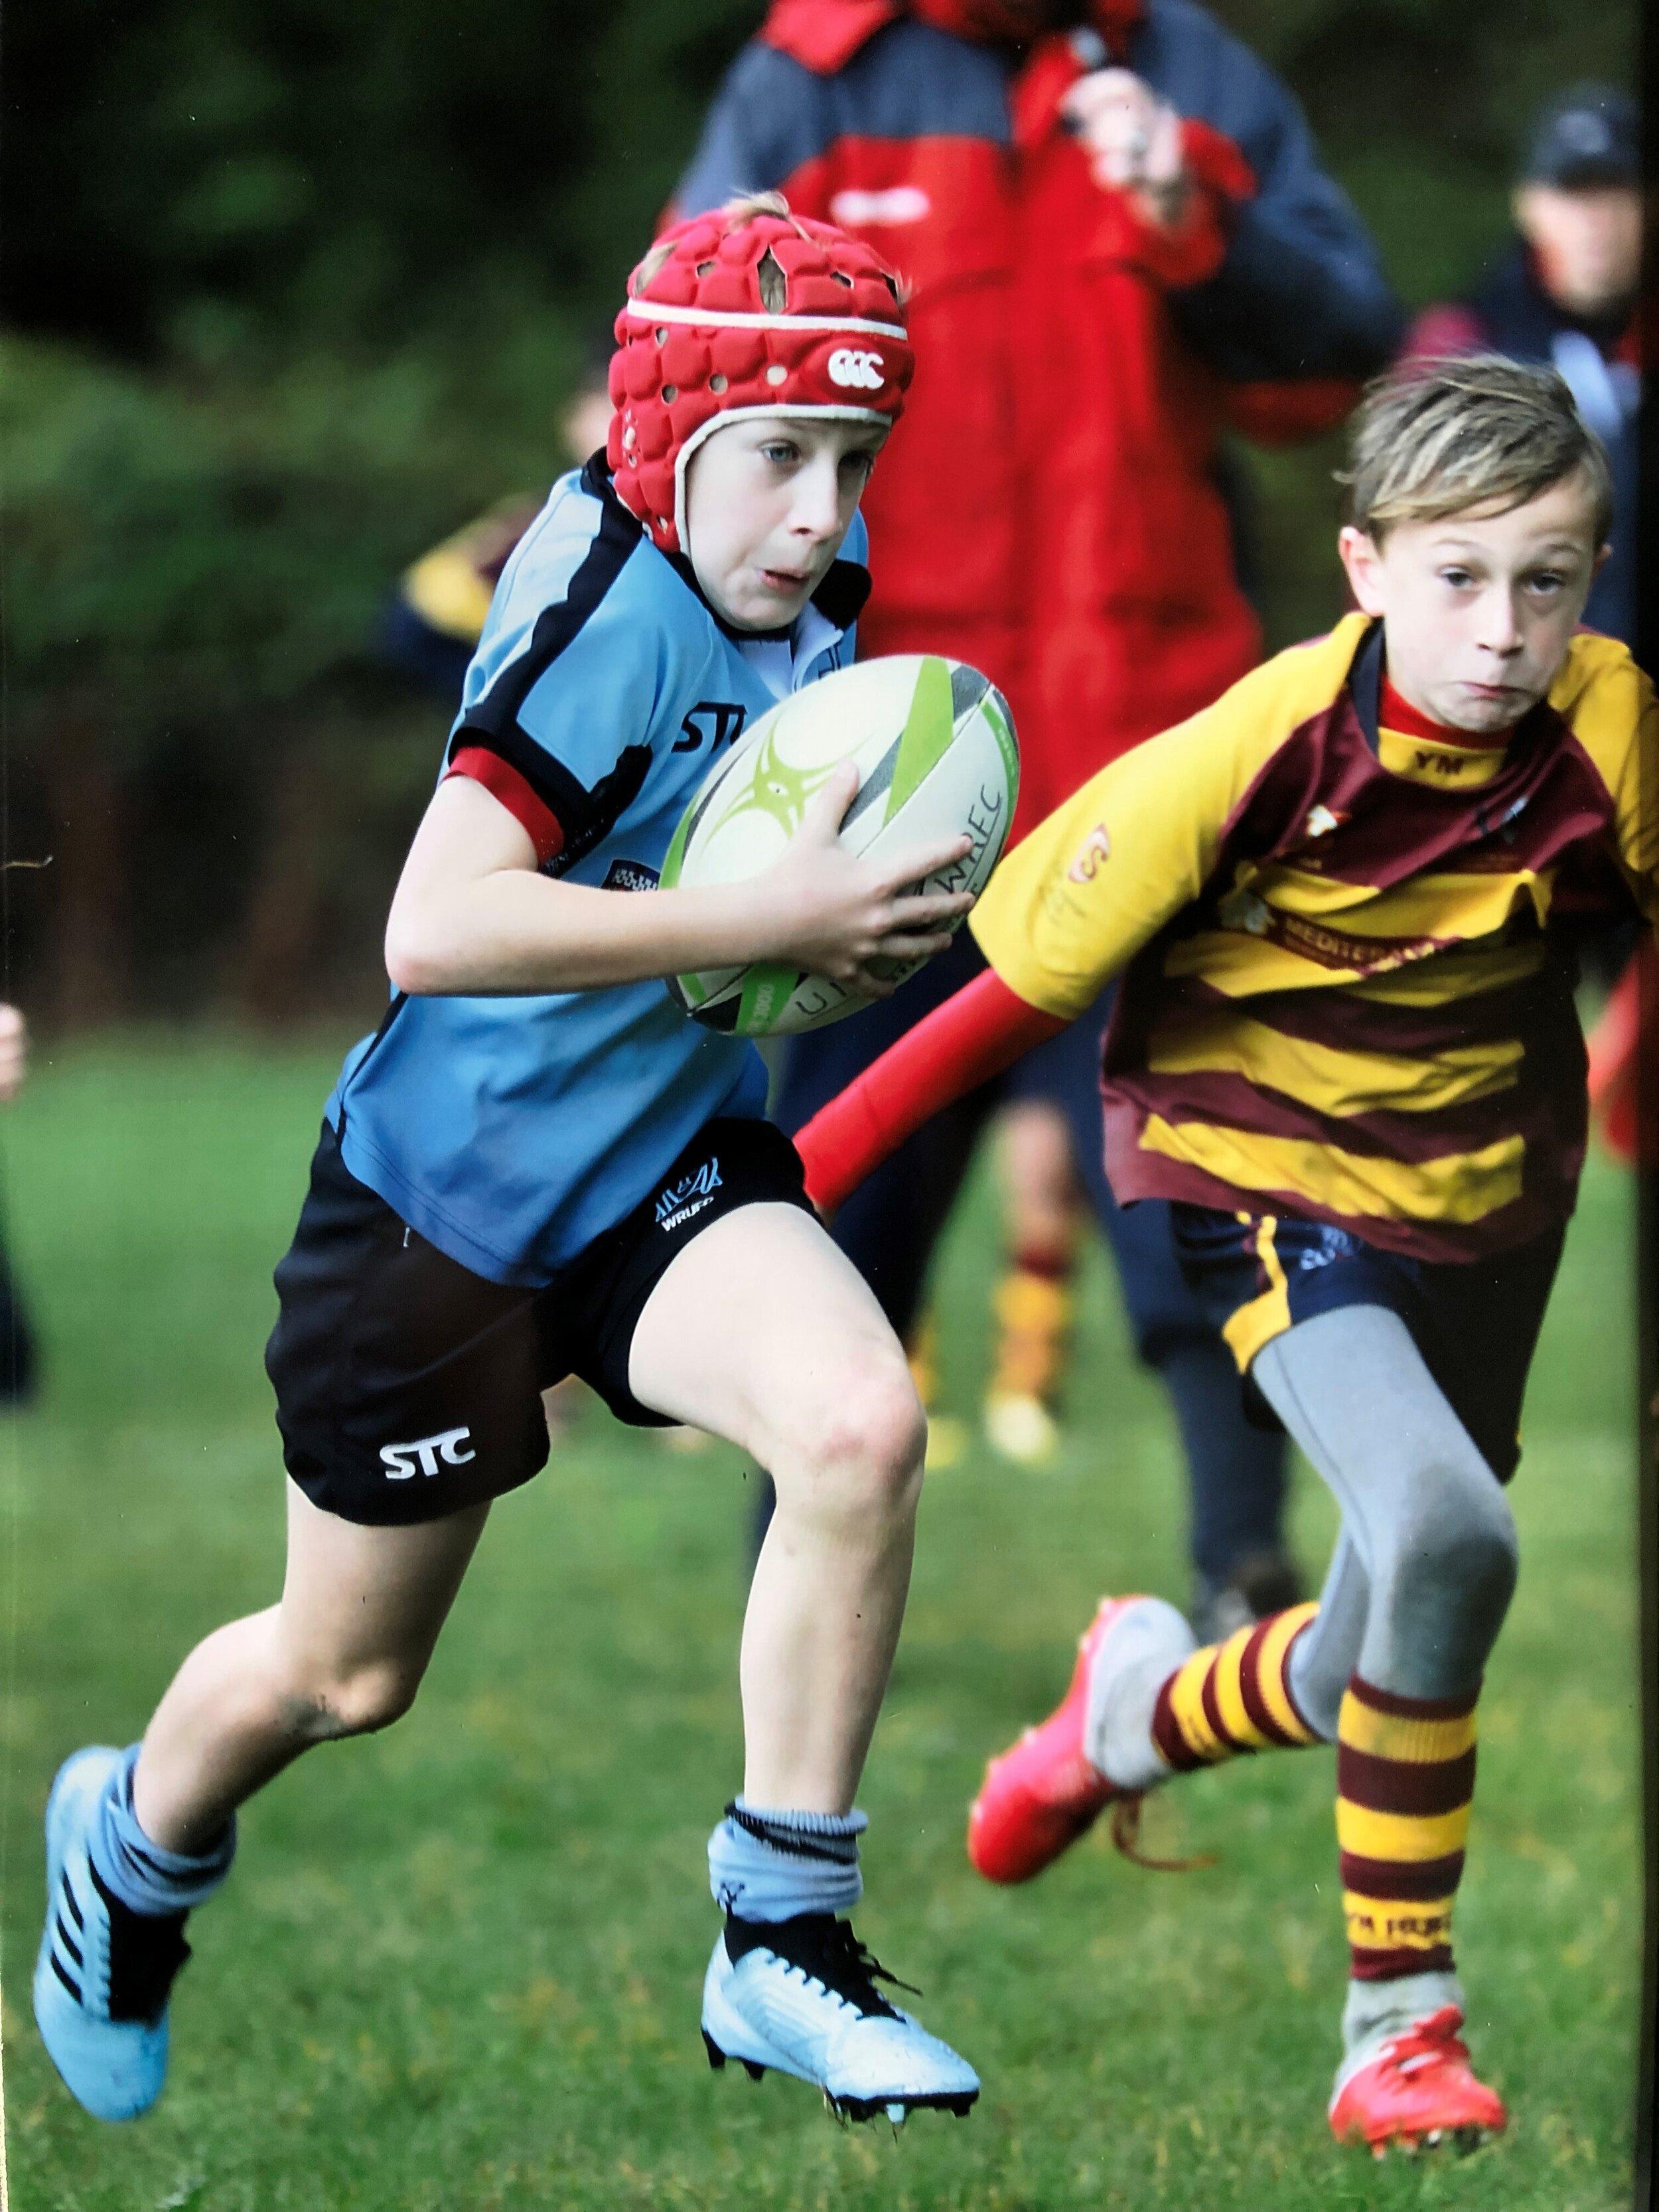 Woodbridge Rugby Club Youth U7-U12 Rugby Festival Release 8_10_2019 3.jpg